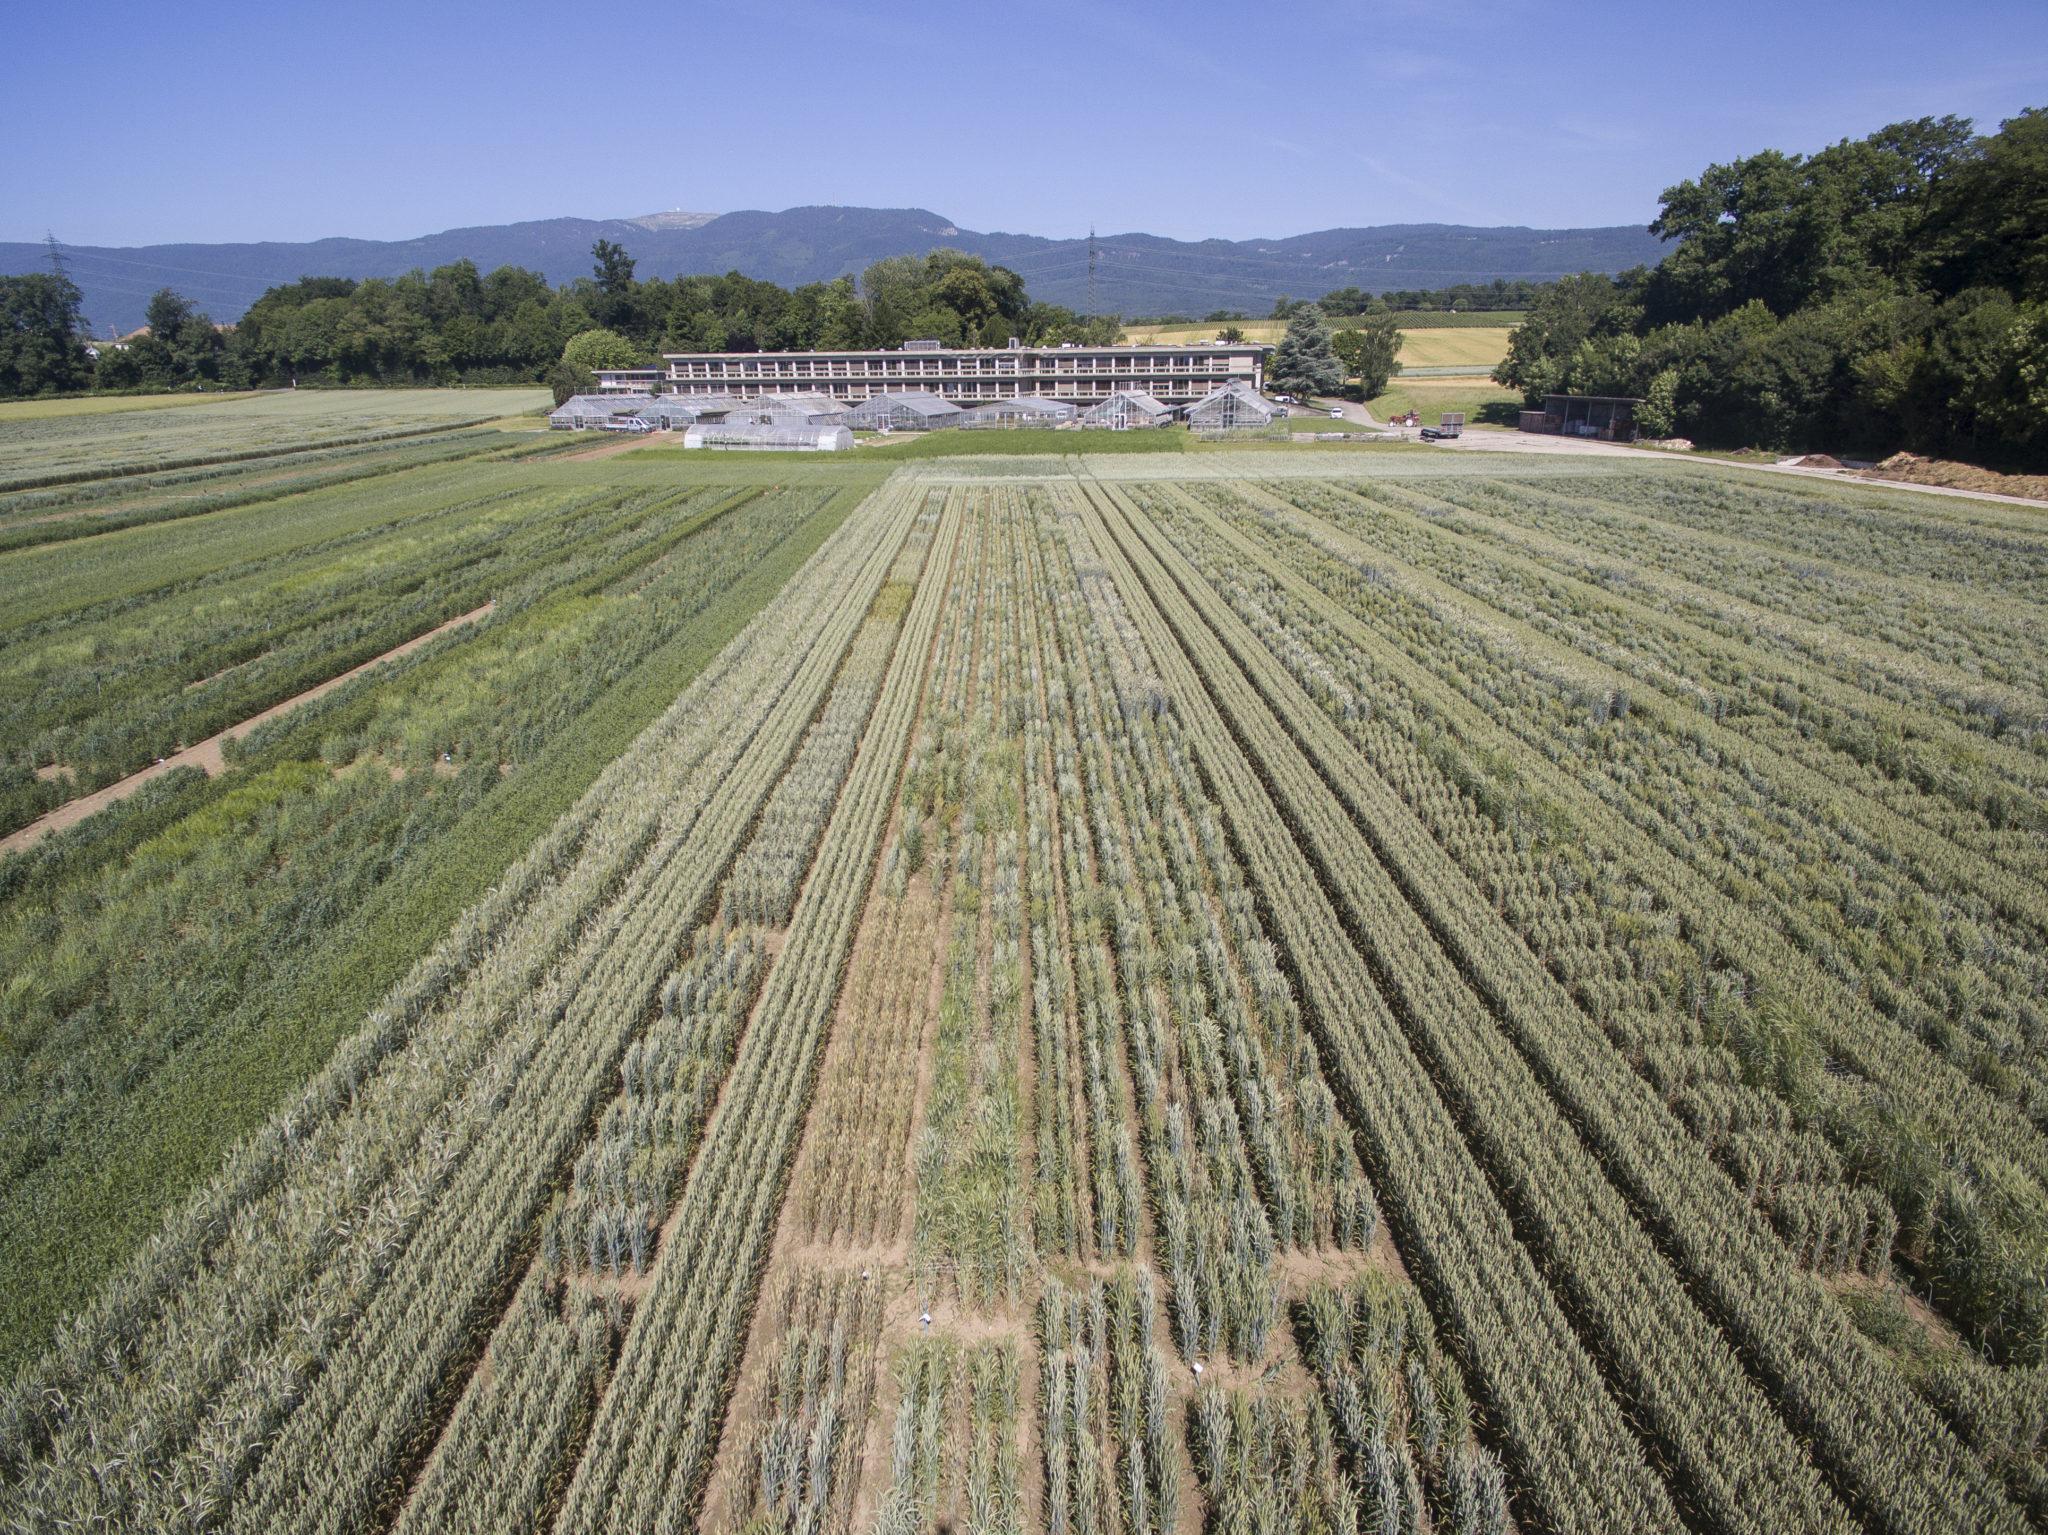 Das Getreidefeld vor dem Gebäude der nationalen Saatgutbank: Jede Pflanzensorte gedeiht auf einer für sie bestimmten Parzelle.